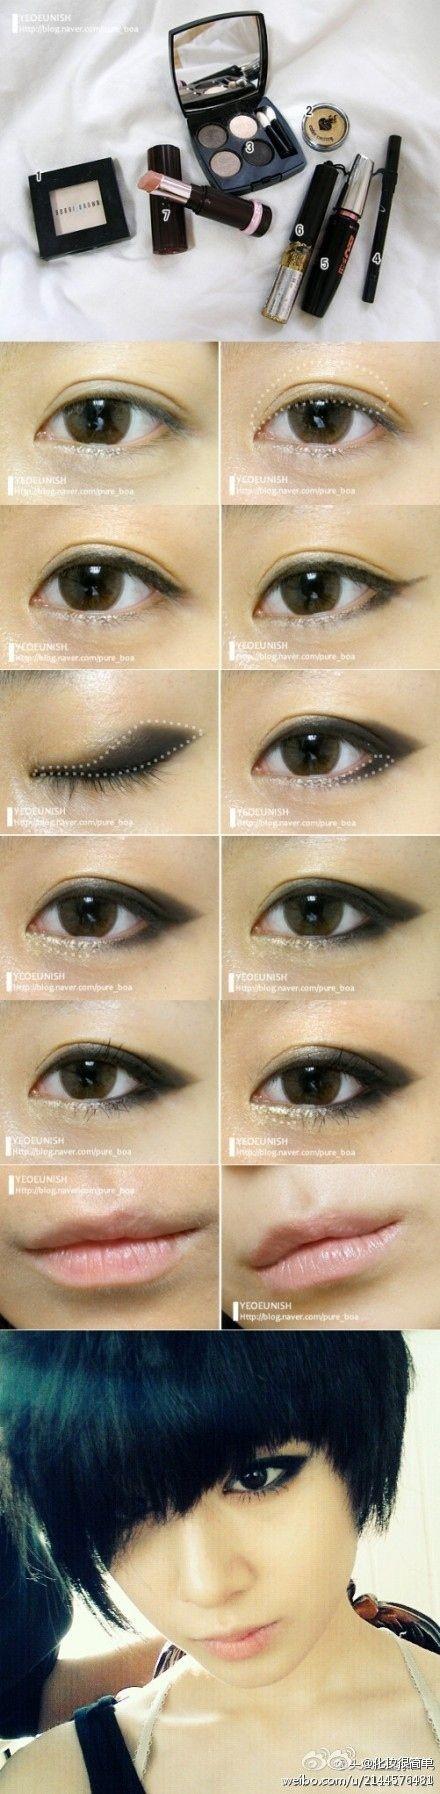 """Aplique sombra preta na forma de uma """"baleia"""" para criar esse olho esfumaçado estilo gatinho.   19 ideias incríveis de maquiagens para olhos orientais"""